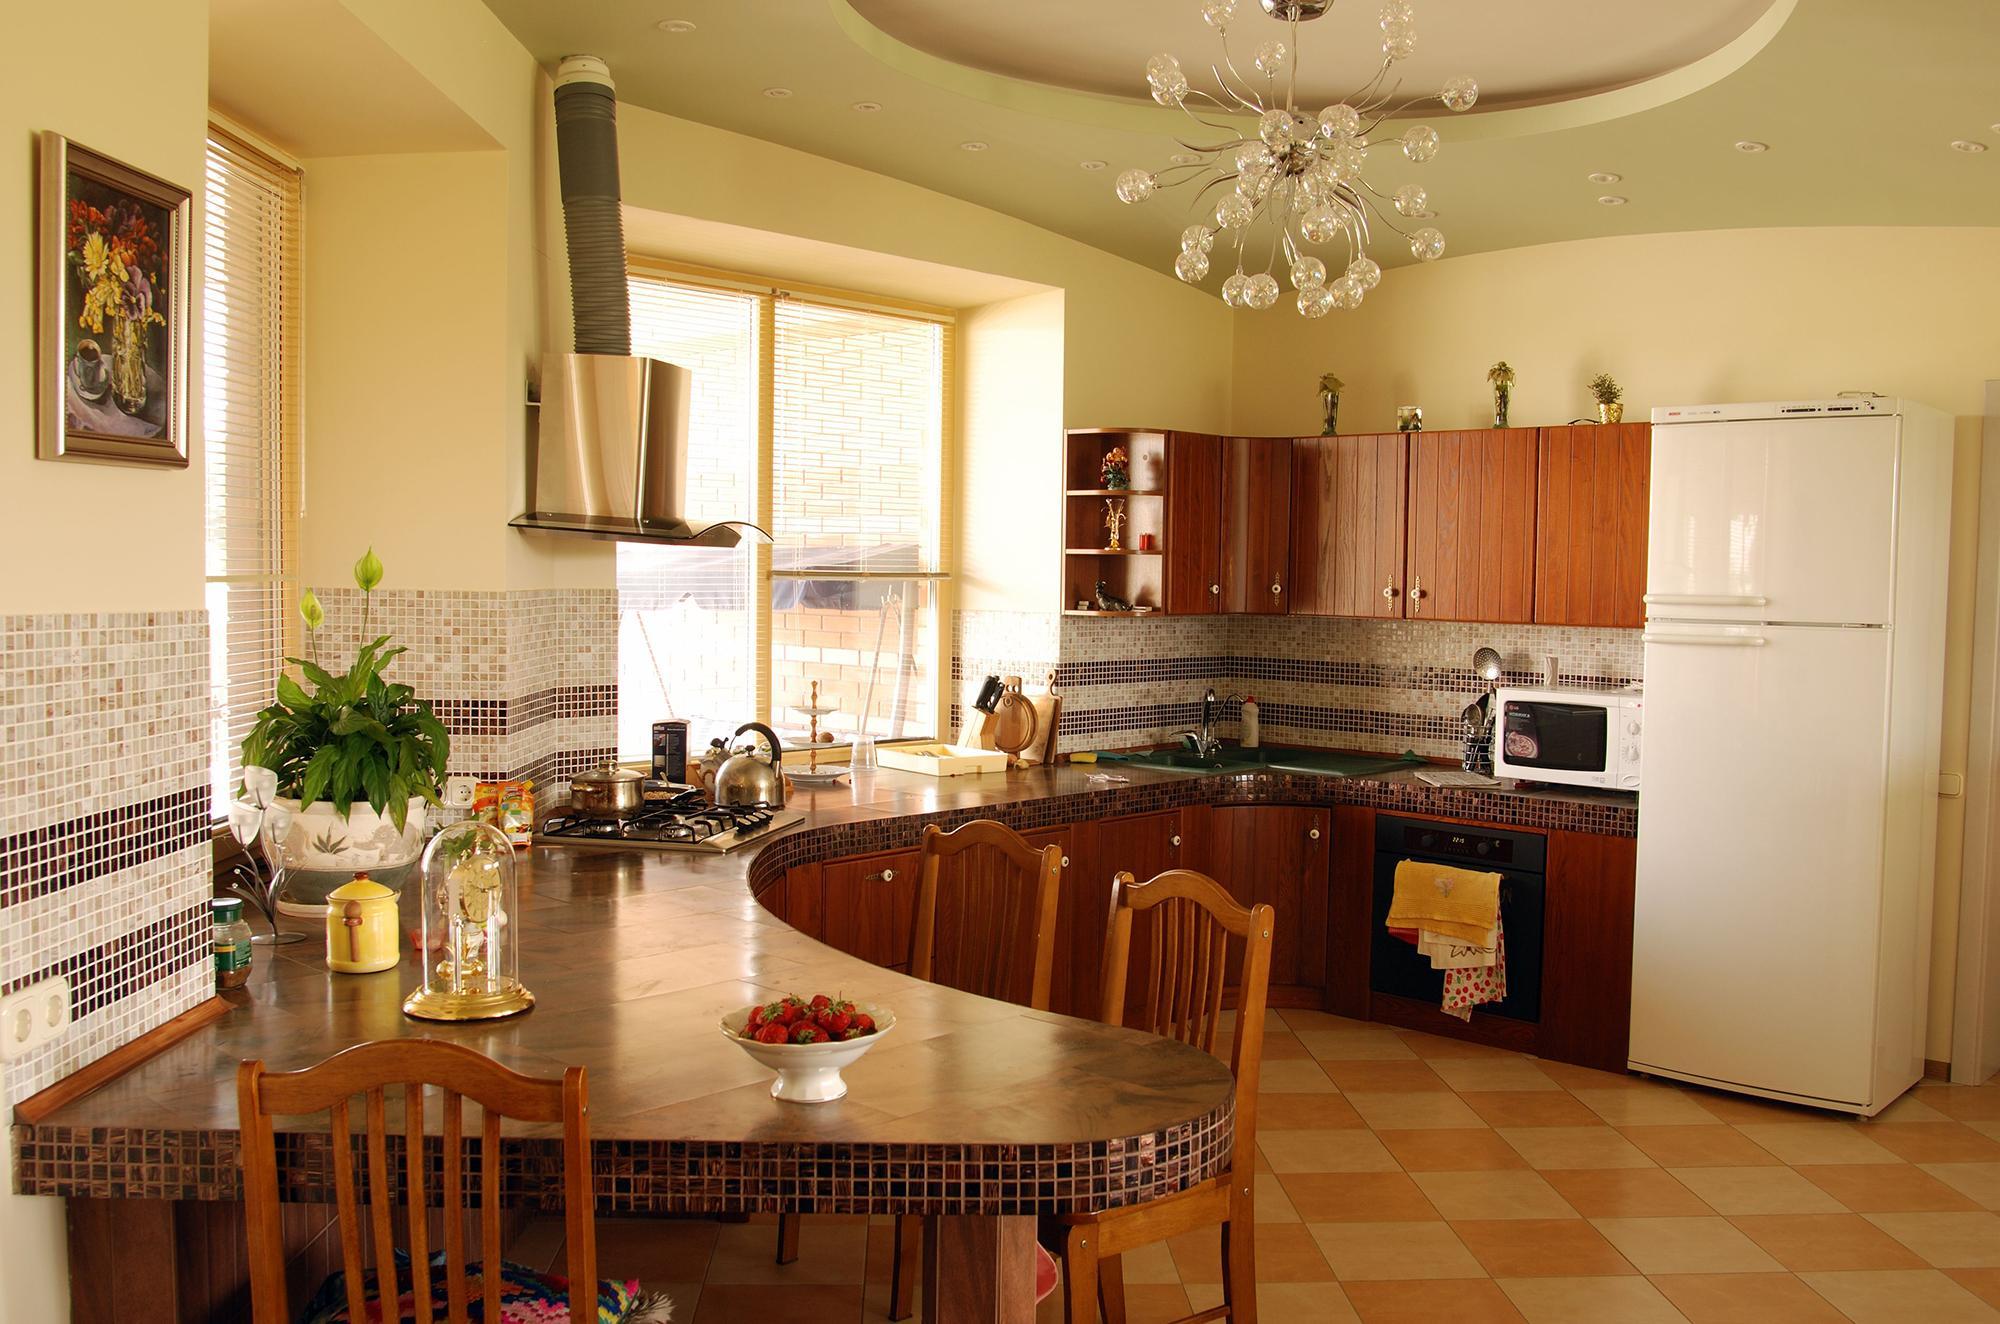 Люстра и встроенное освещение на кухнеЛюстра и встроенное освещение на кухне